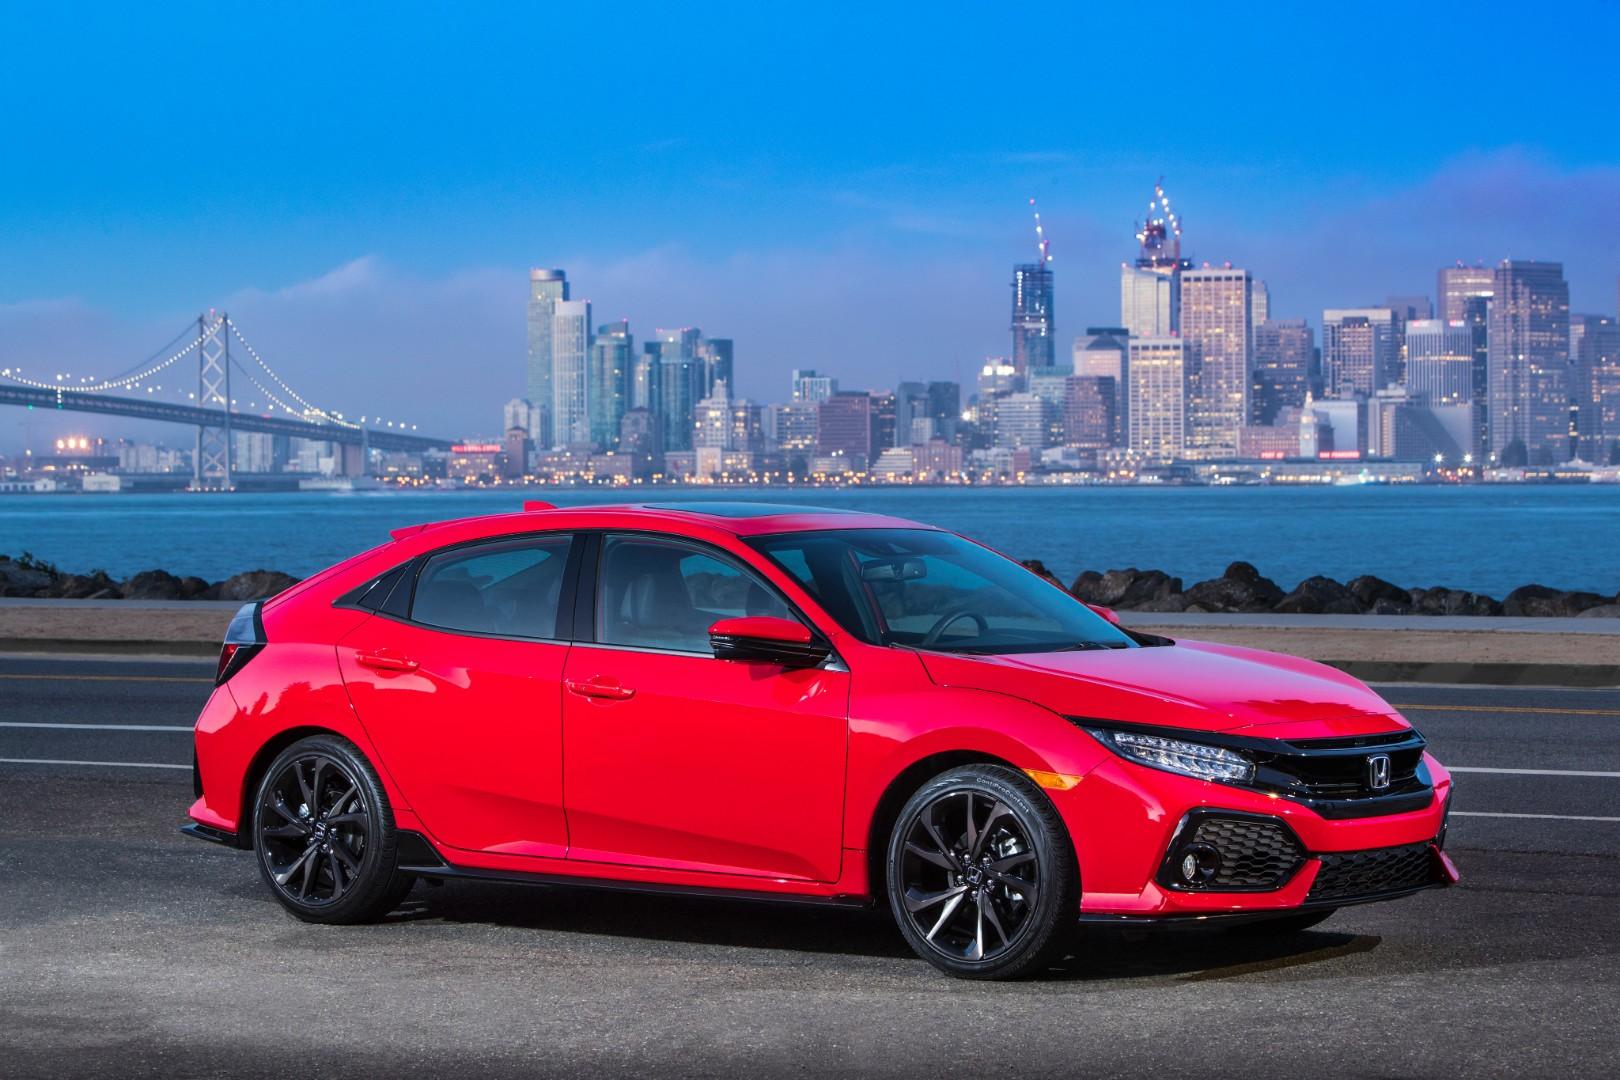 Audi Sports Car Wallpaper Honda Civic 5 Doors 2016 Autoevolution